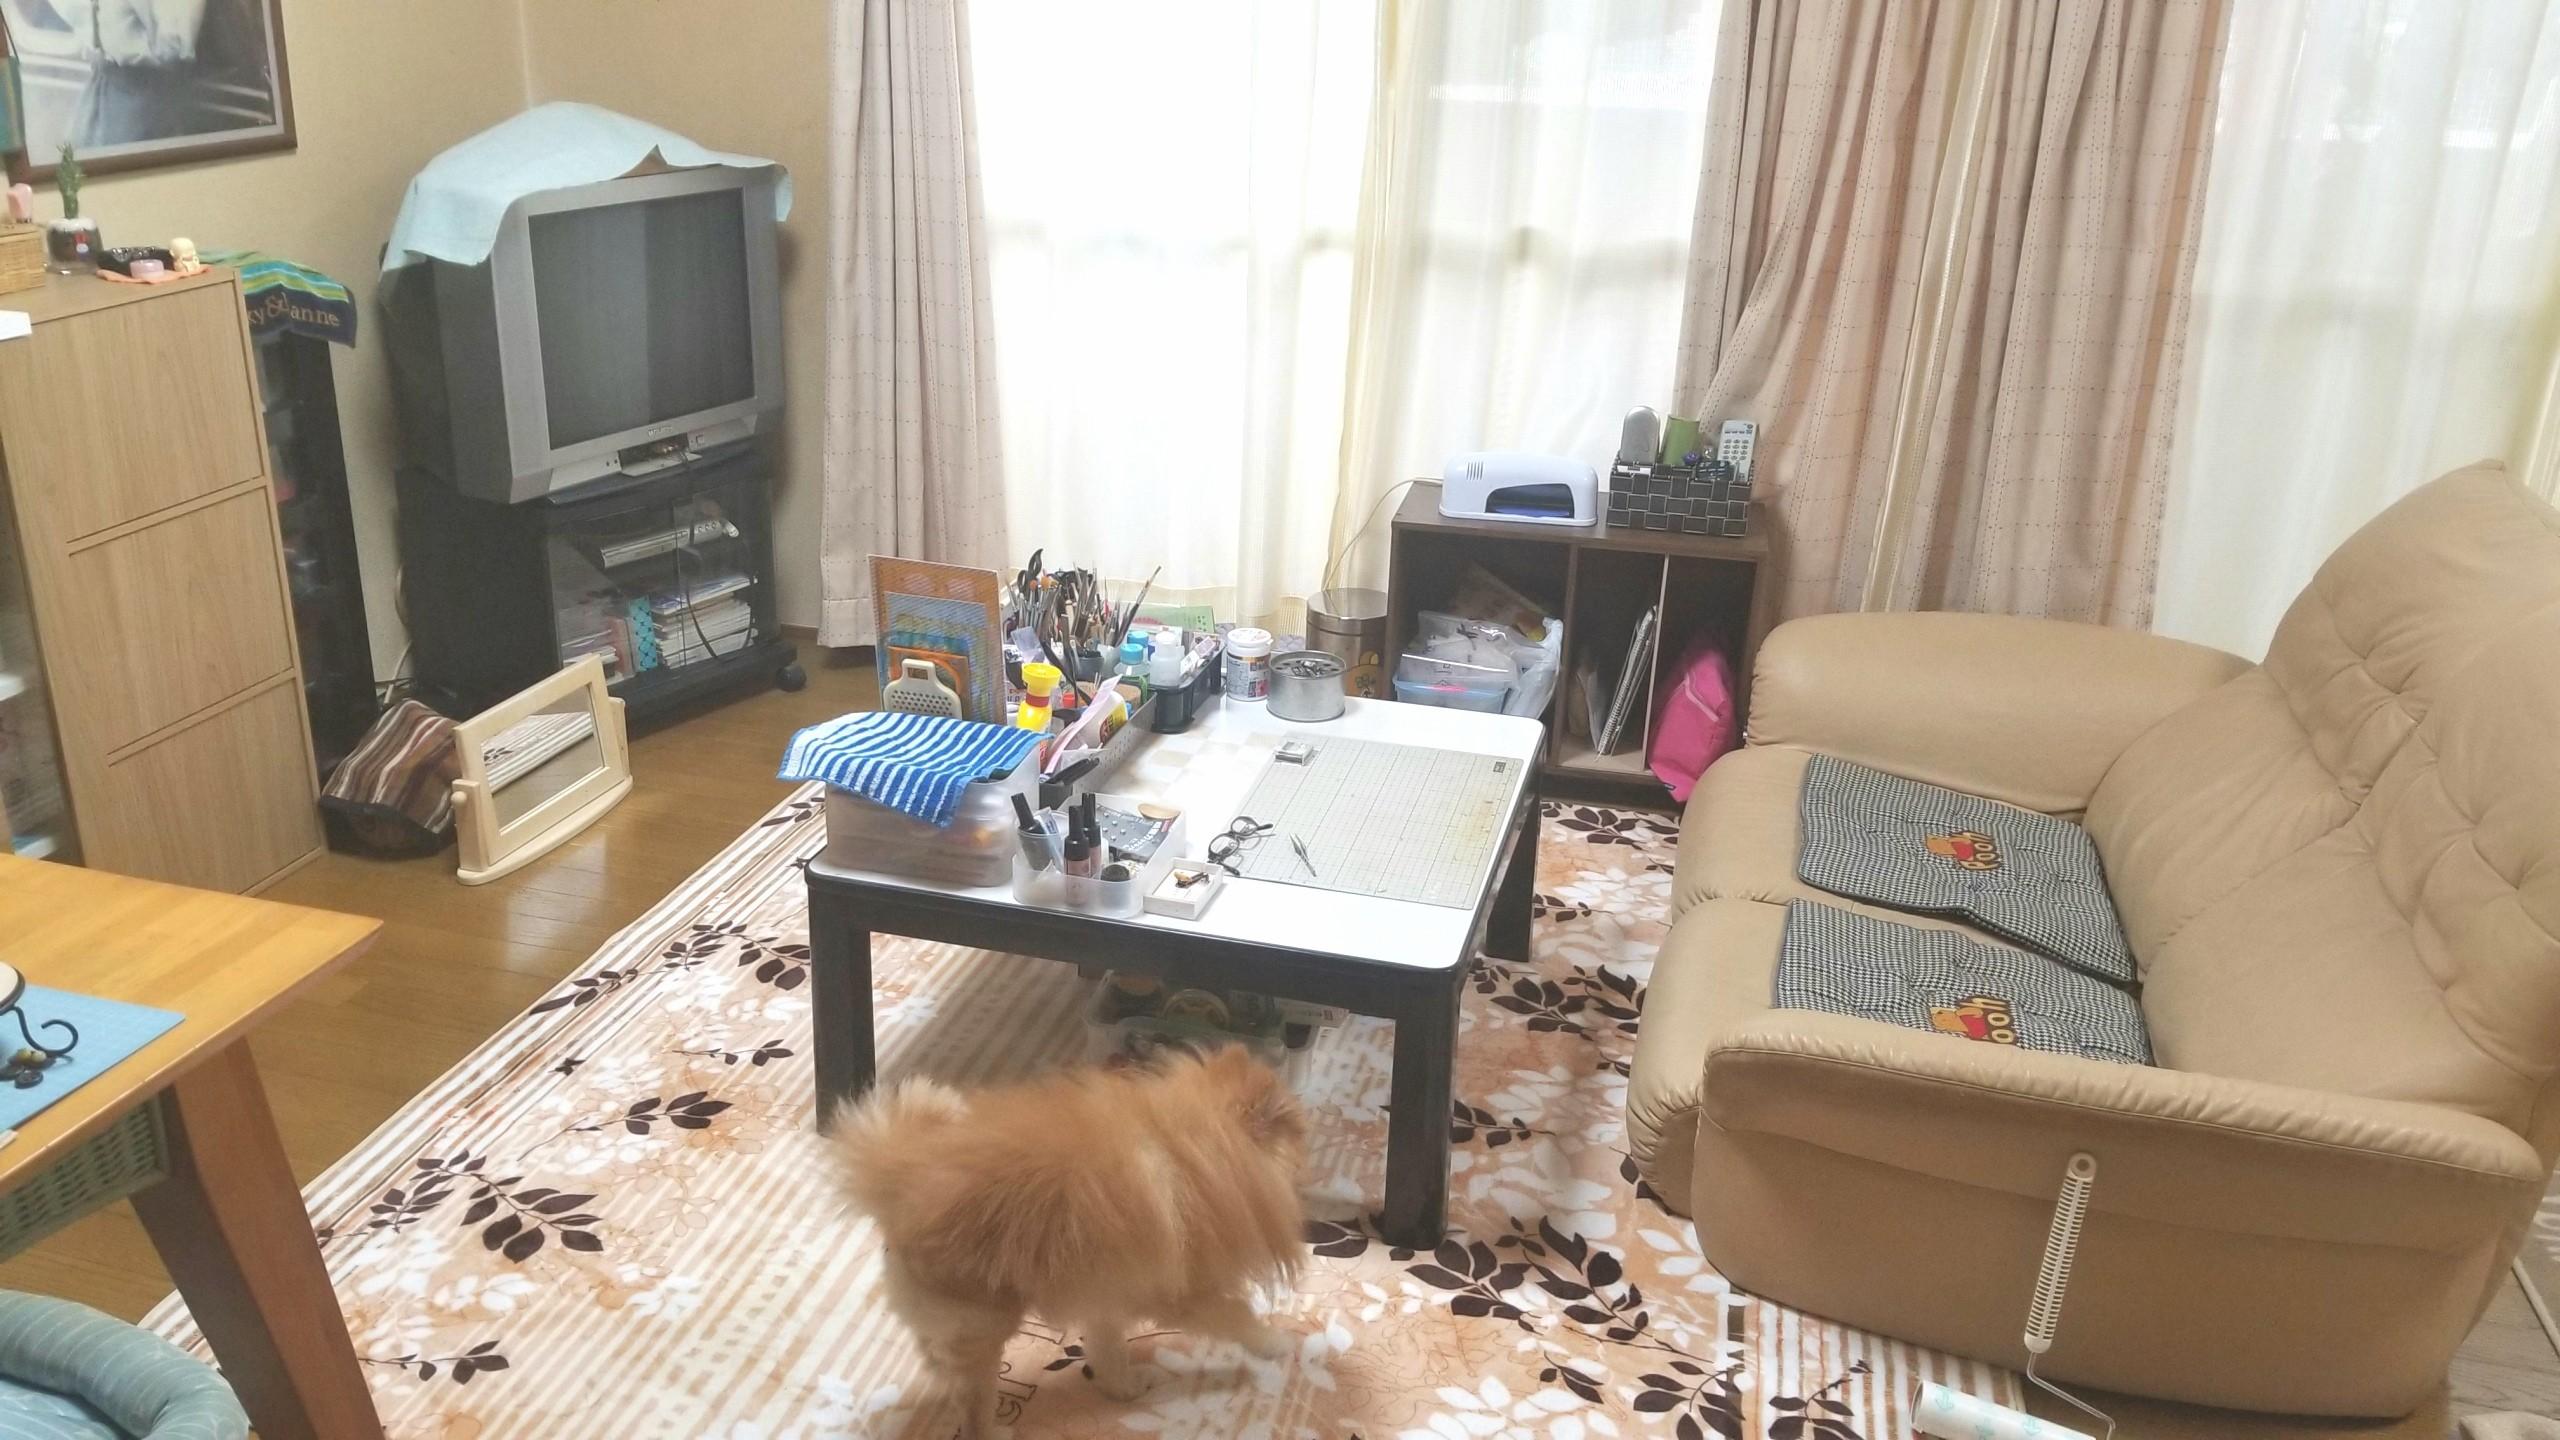 部屋,間取り,女子,片付け,リラックス,模様替え,テレビ,生活感,家具